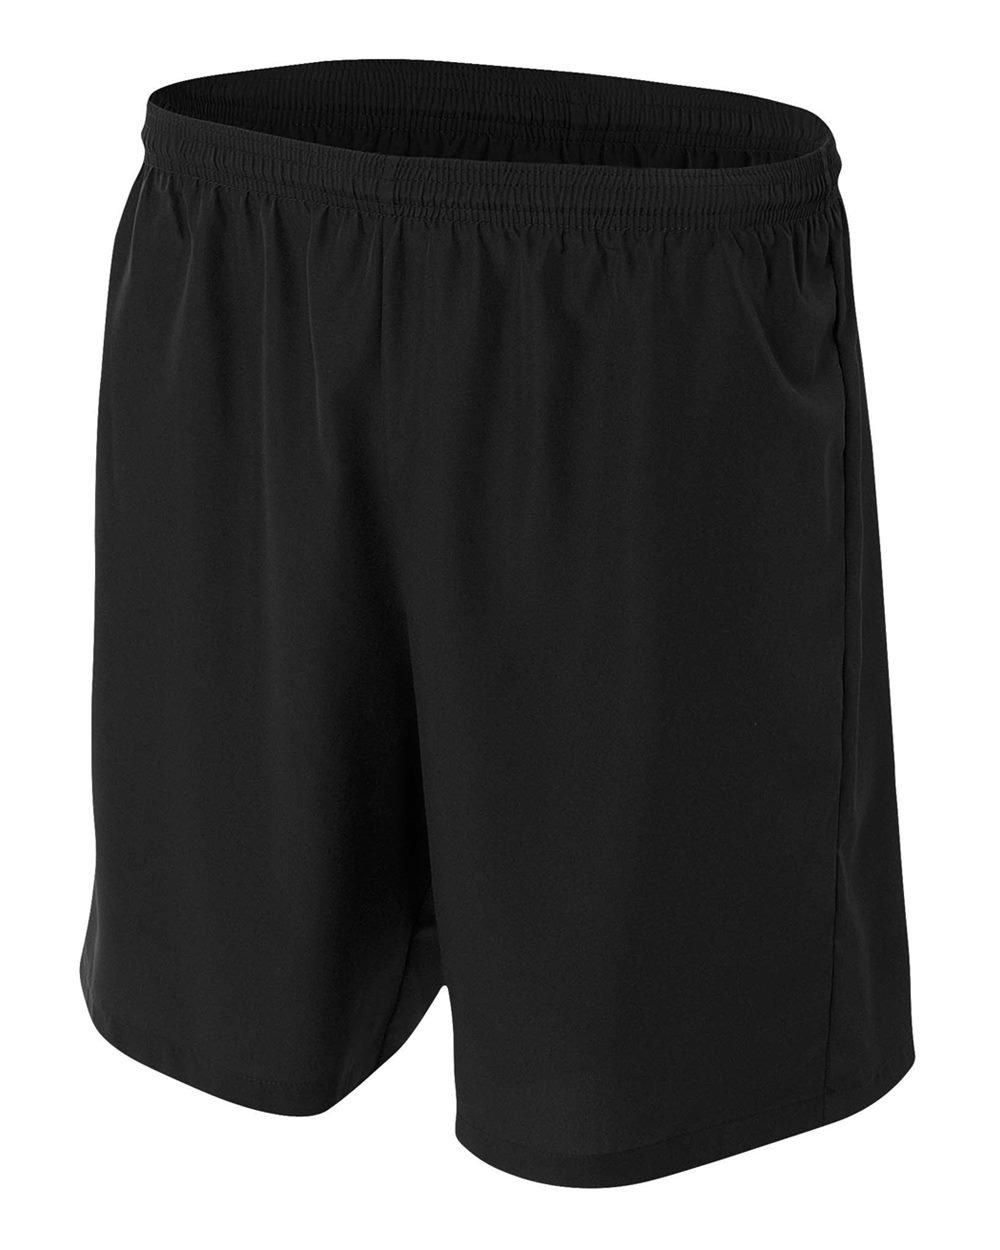 新しいWoven Soccer Shorts Moisture Wicking快適Odor & Stain Resistant ( 6色、子供&大人サイズ10 ) B00SVXQJUI 3L|ブラック ブラック 3L